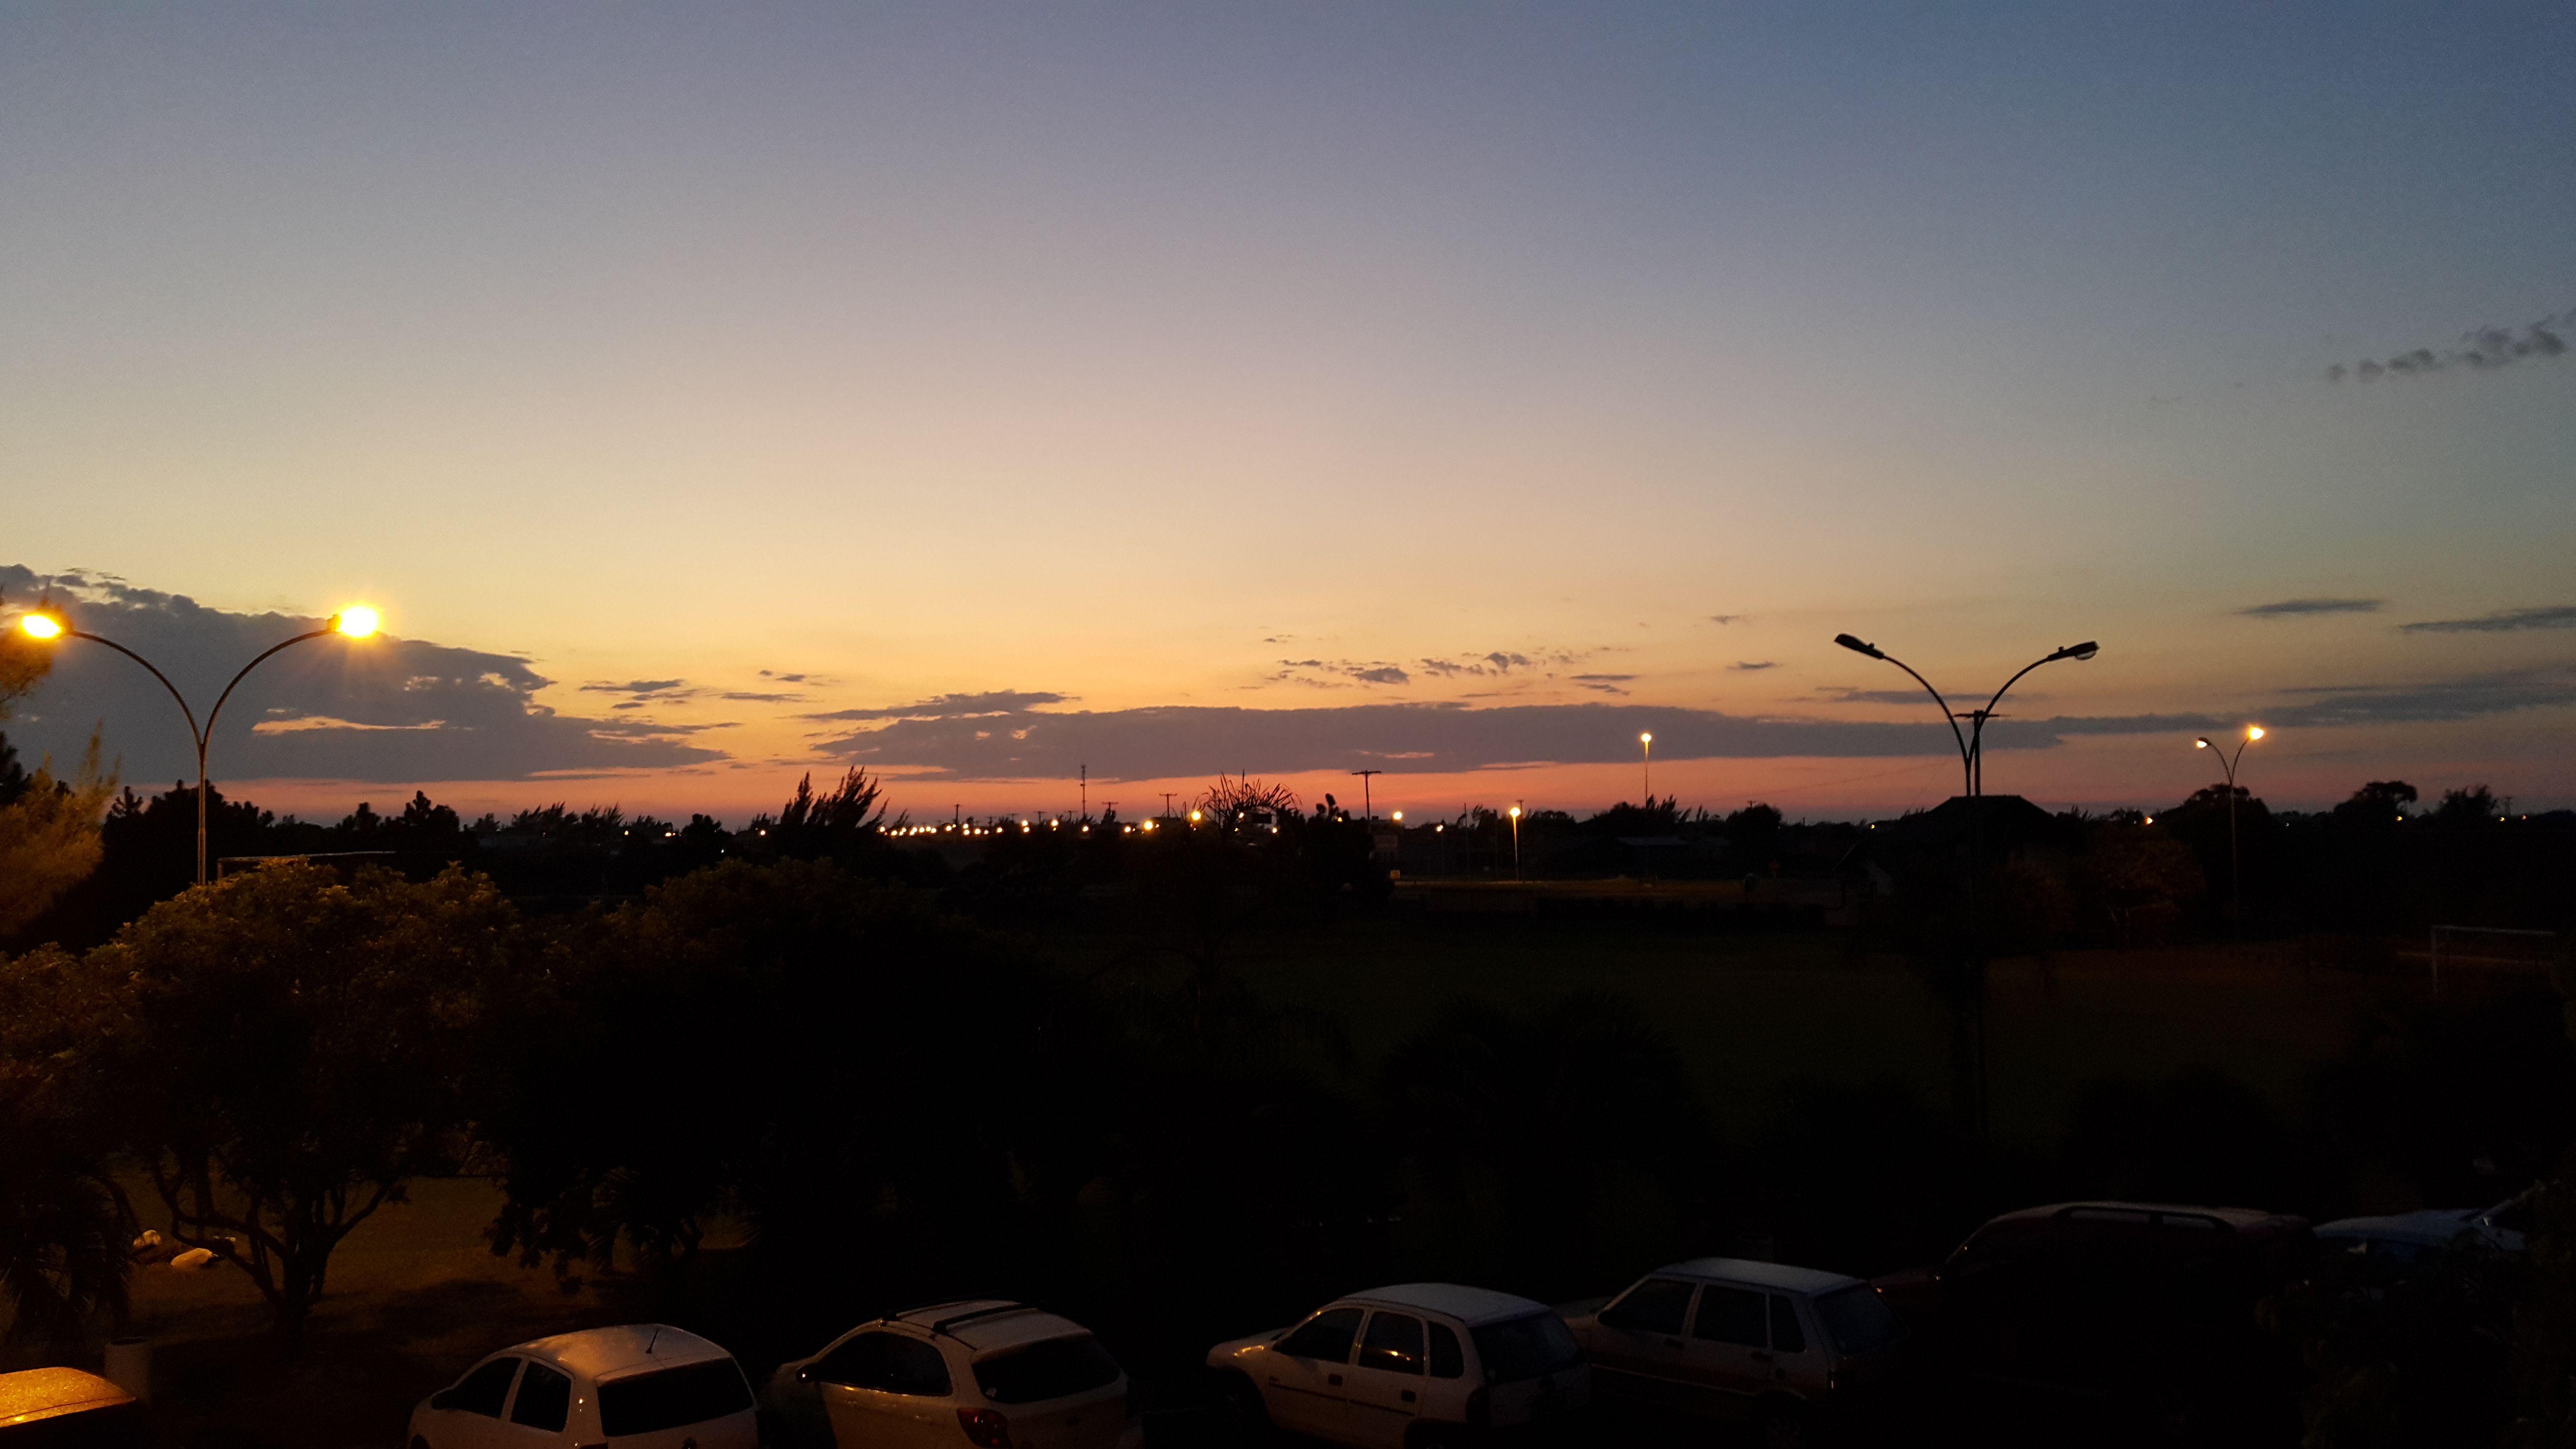 """""""Fim de tarde nas praias do Sul"""", Hotel Fazenda Figueiras, Imbé RS BR By @luccks (Galaxy Note4 full res)"""